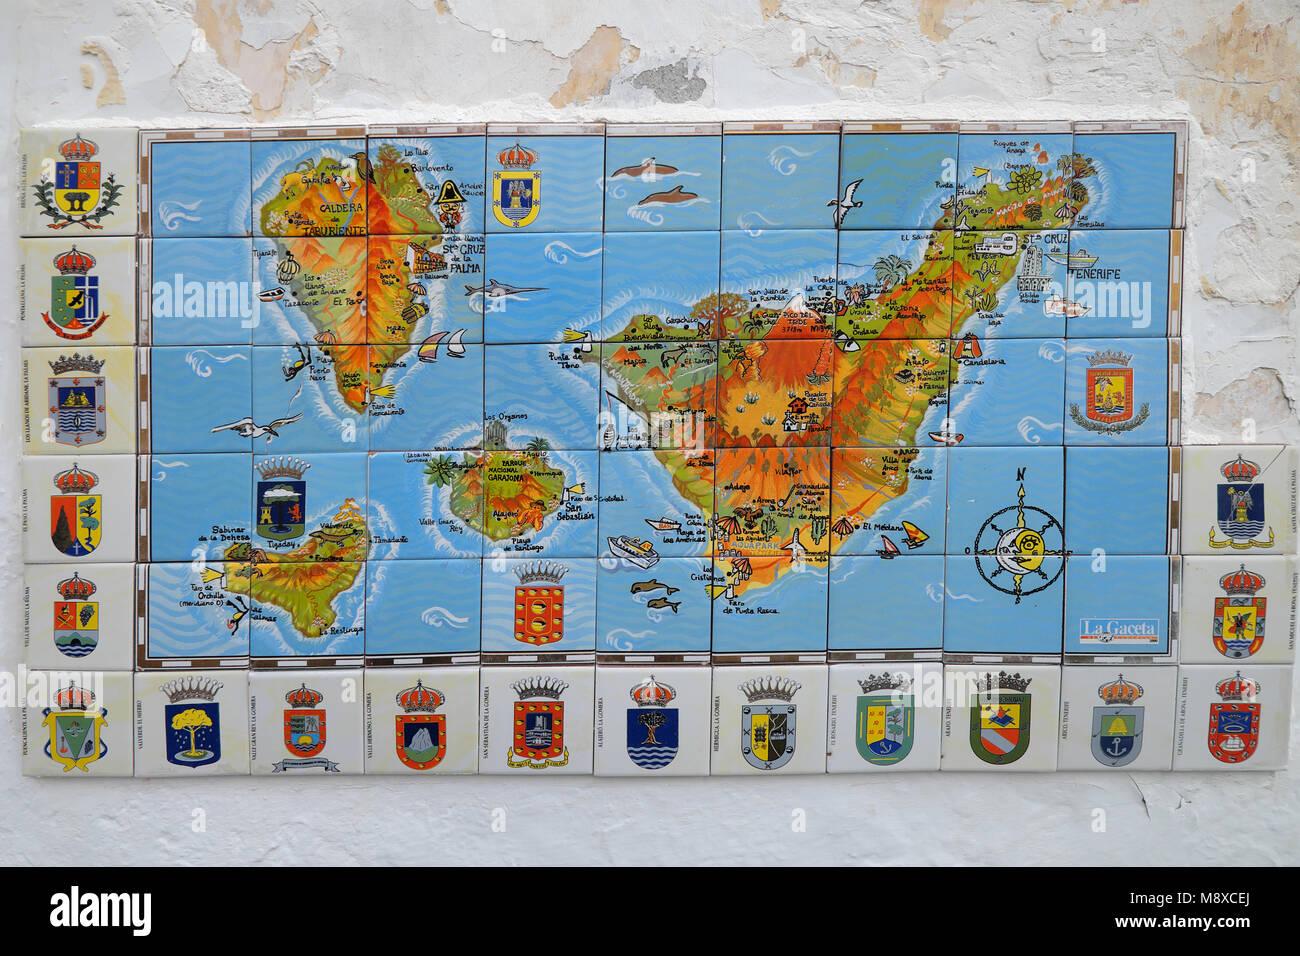 Tenerife Cartina Spagna.Mappa Delle Isole Canarie Immagini E Fotos Stock Alamy